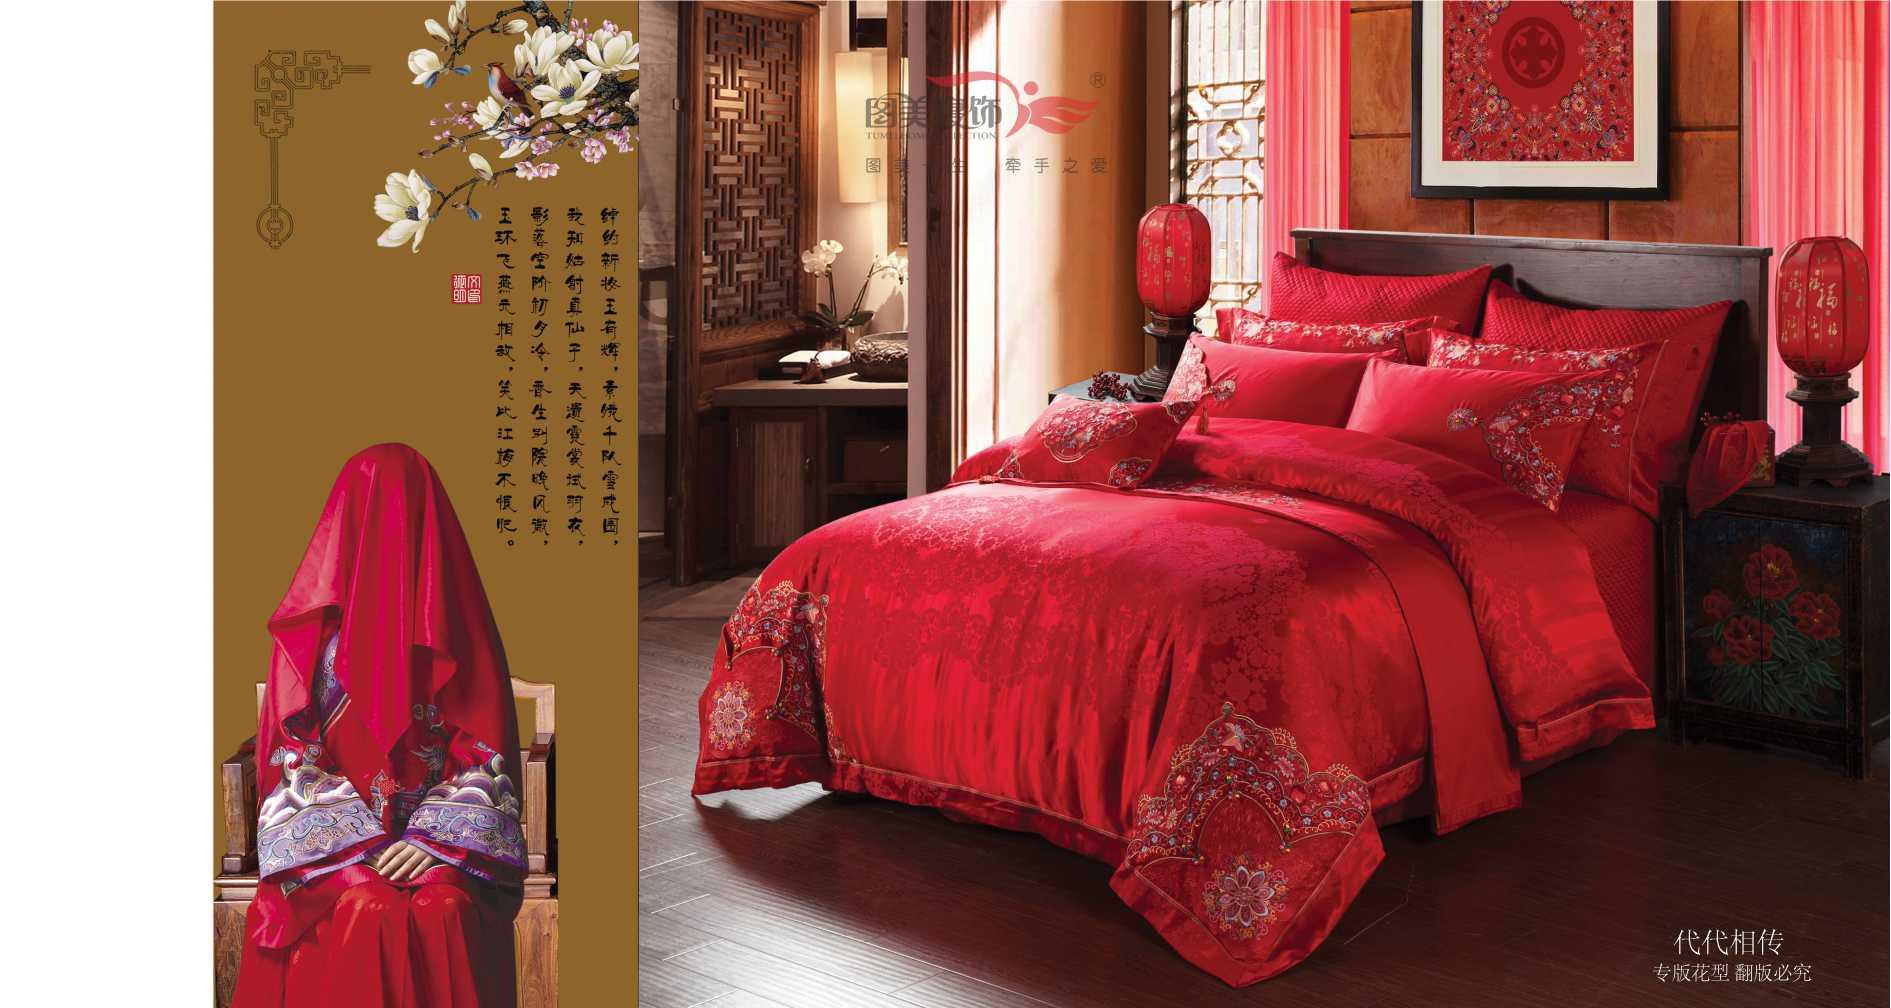 真絲棉床蓋七件套-代代相傳